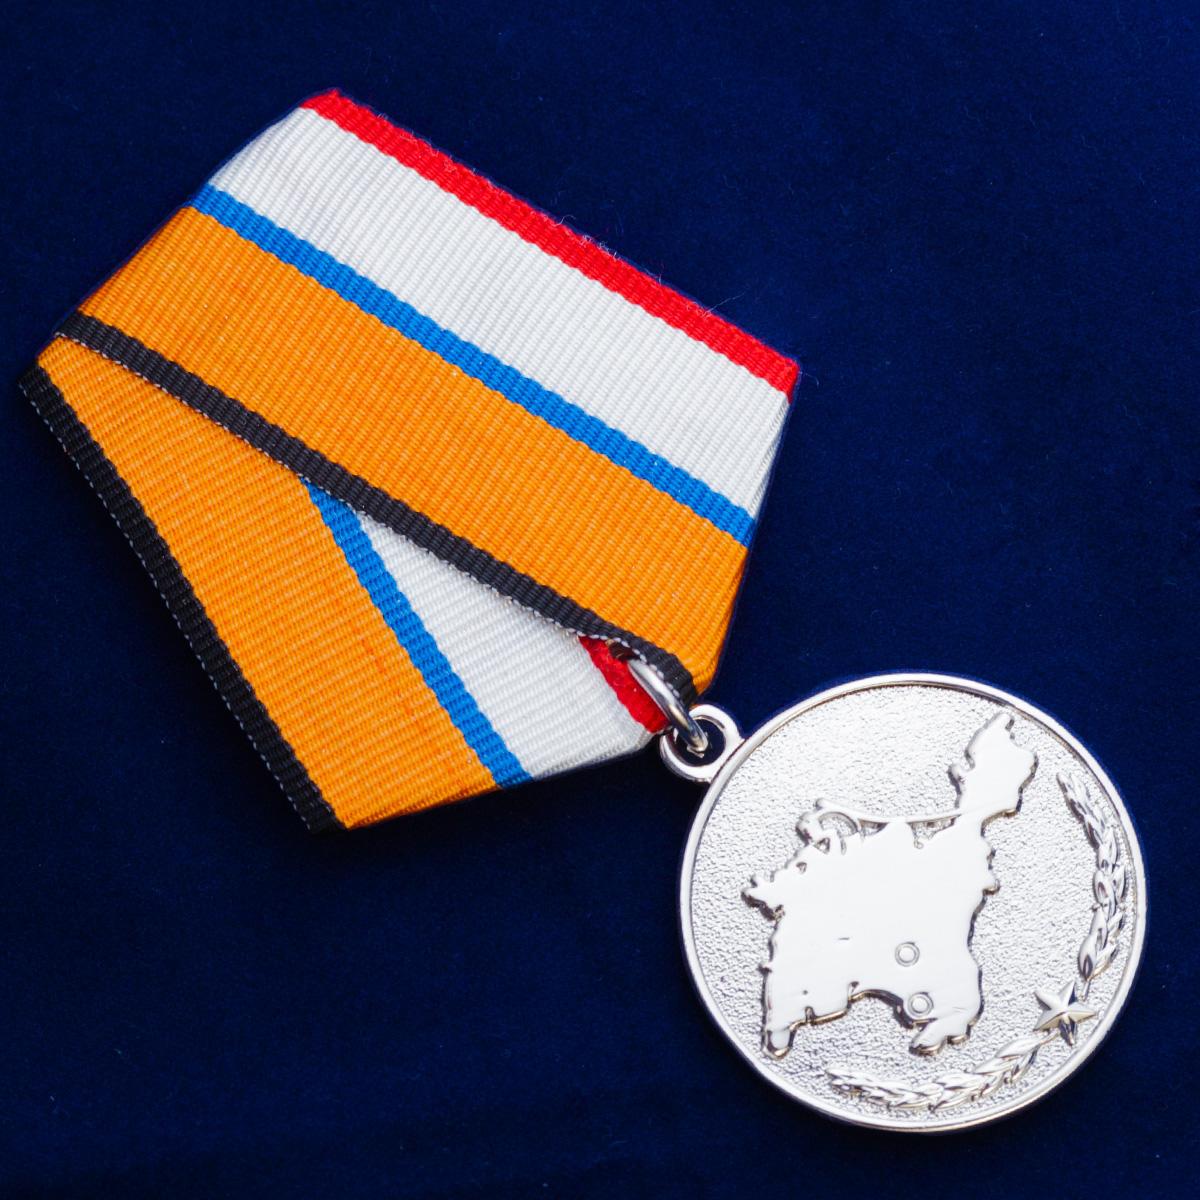 Медаль За возвращение Крыма в футляре с удостоверением - общий вид